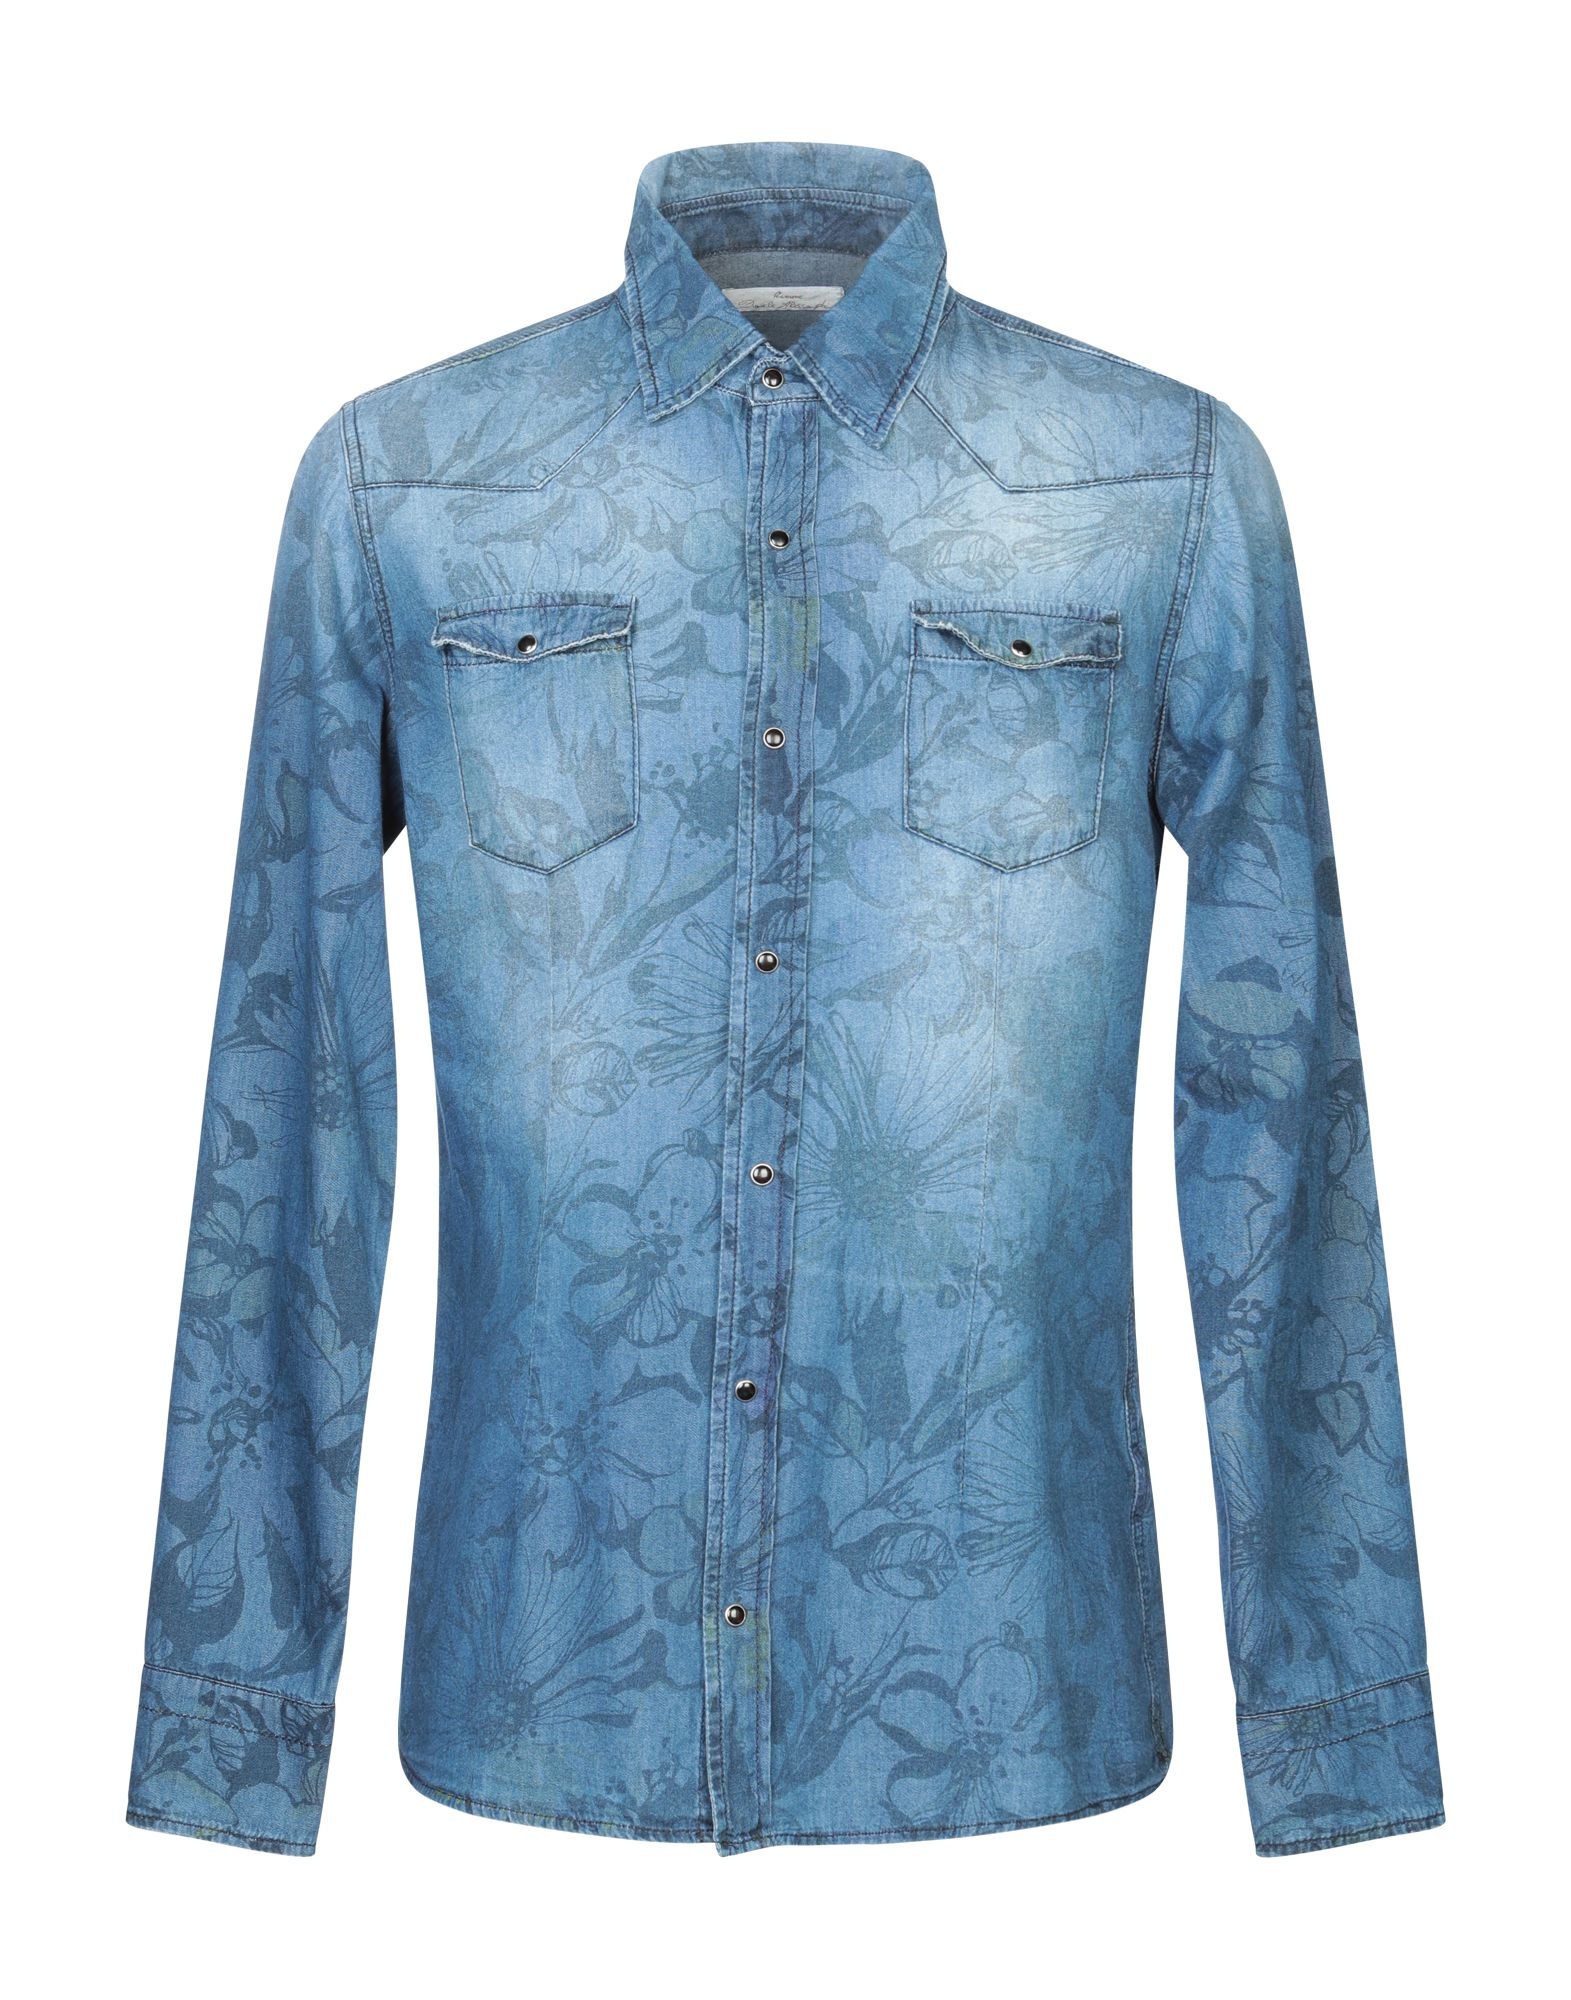 Фото - DANIELE ALESSANDRINI HOMME Джинсовая рубашка daniele alessandrini homme кардиган